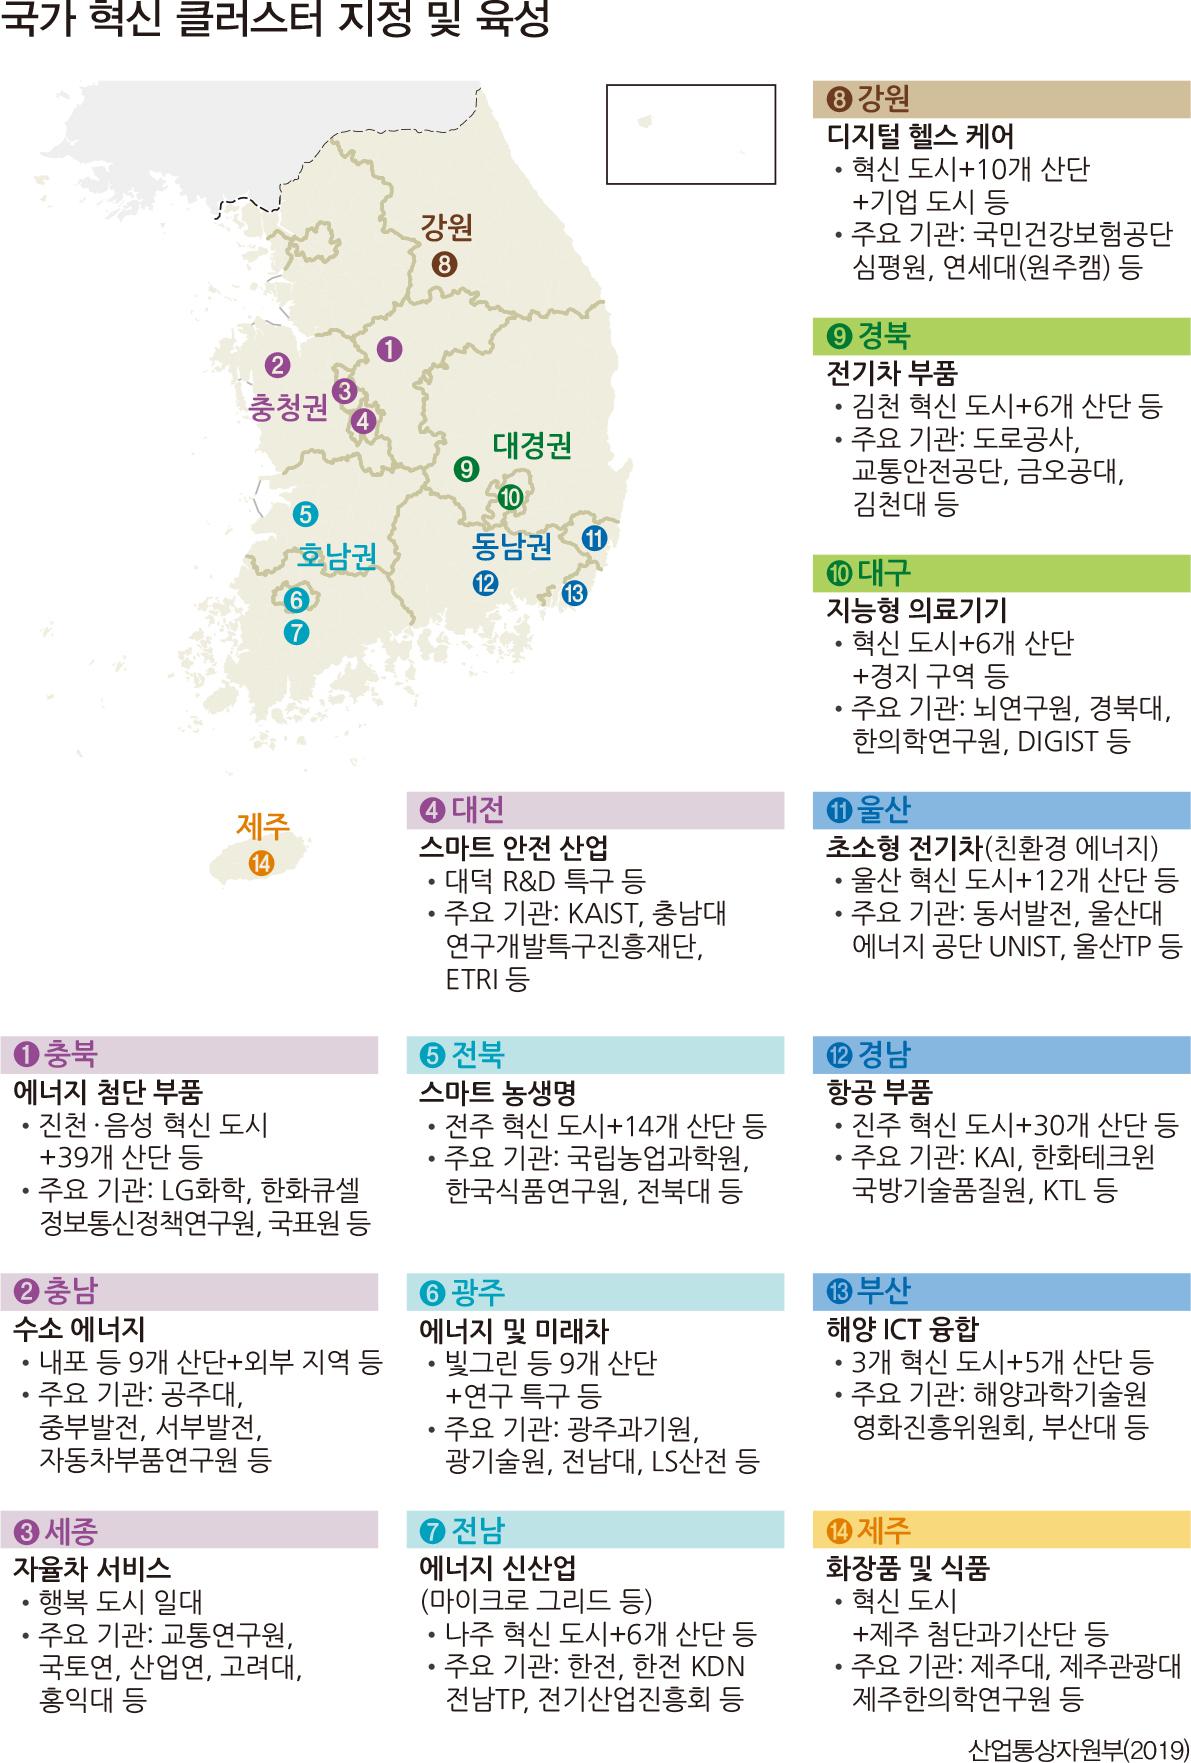 국가 혁신 클러스터 지정 및 육성